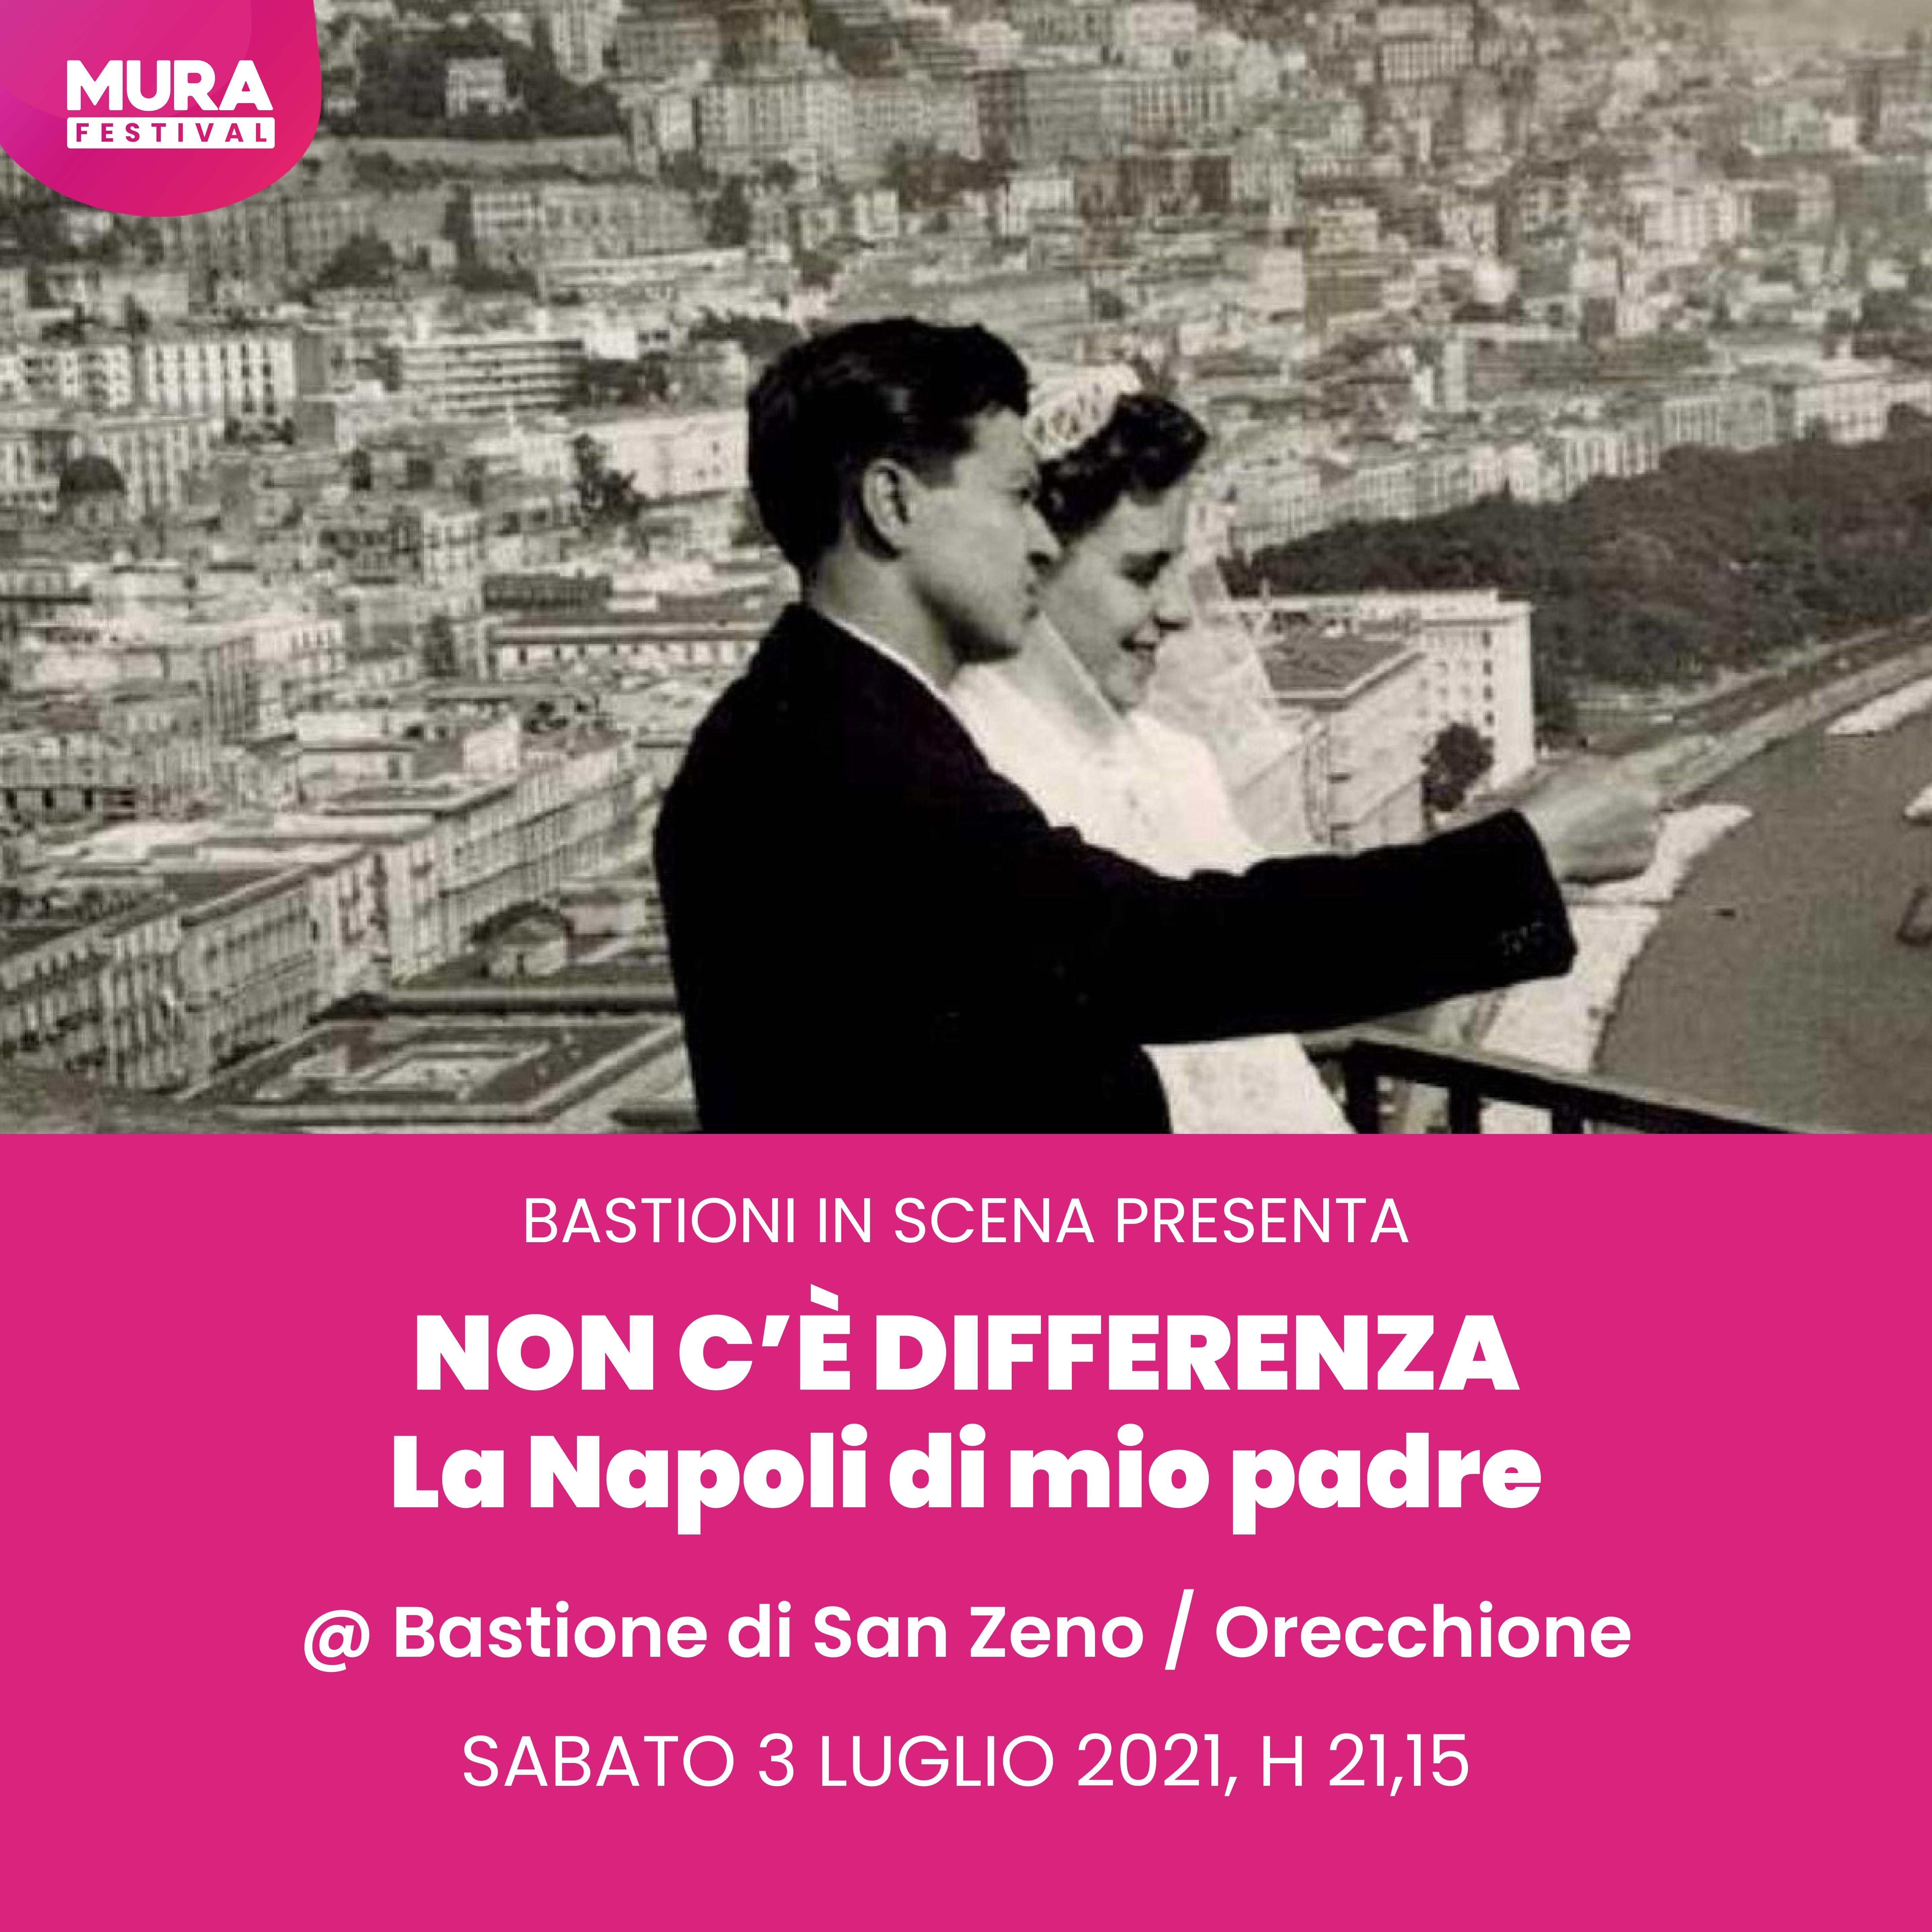 Festival non c'è Differenza - Mura Festival